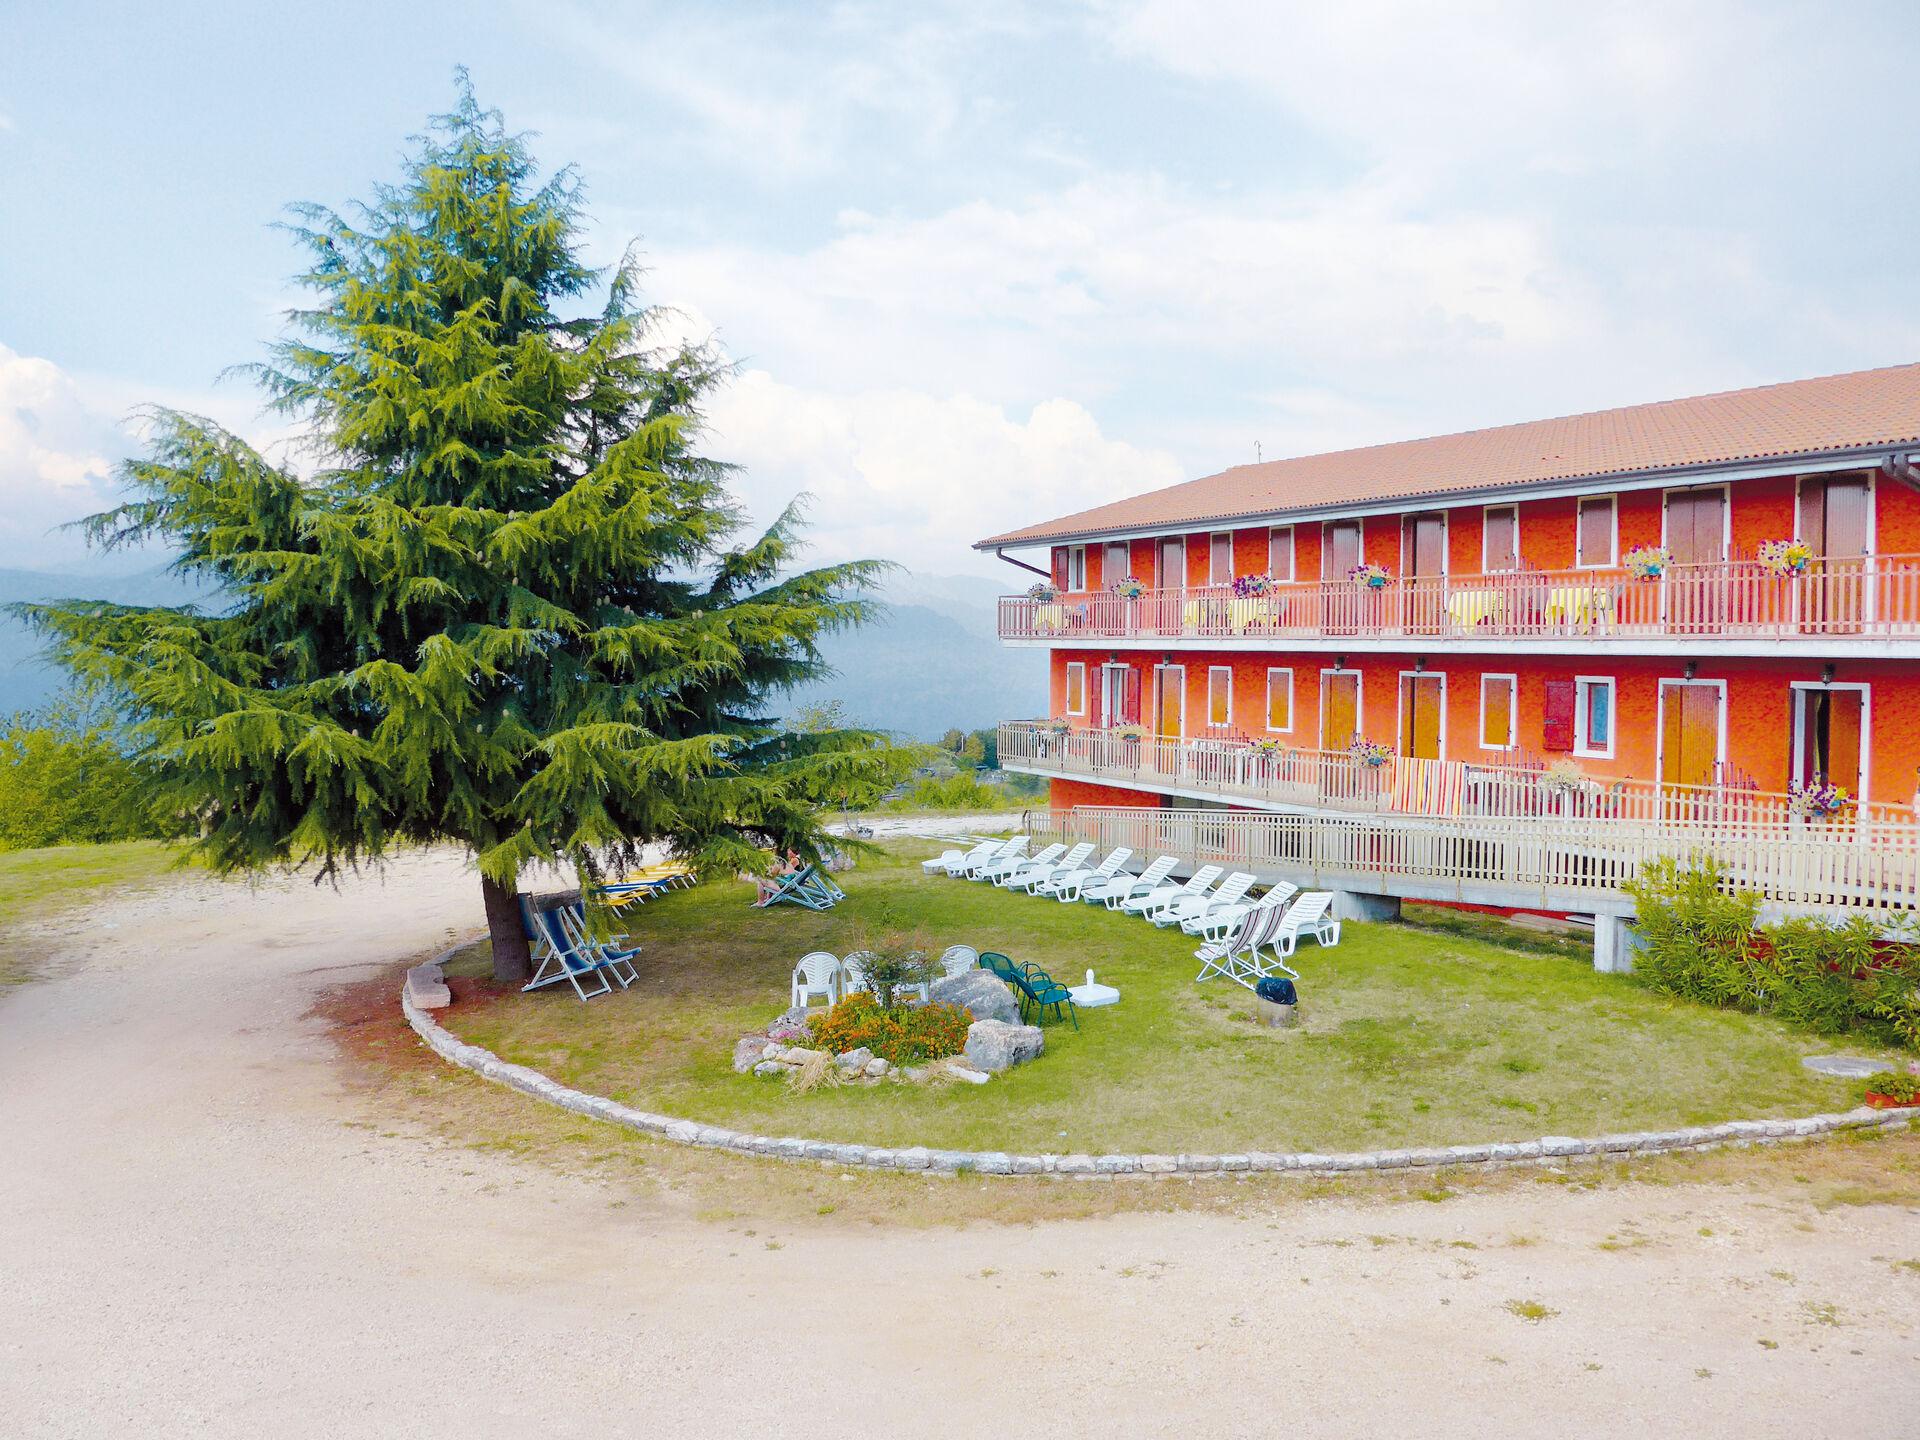 Ihr 3-Sterne-Hotel Belvedere